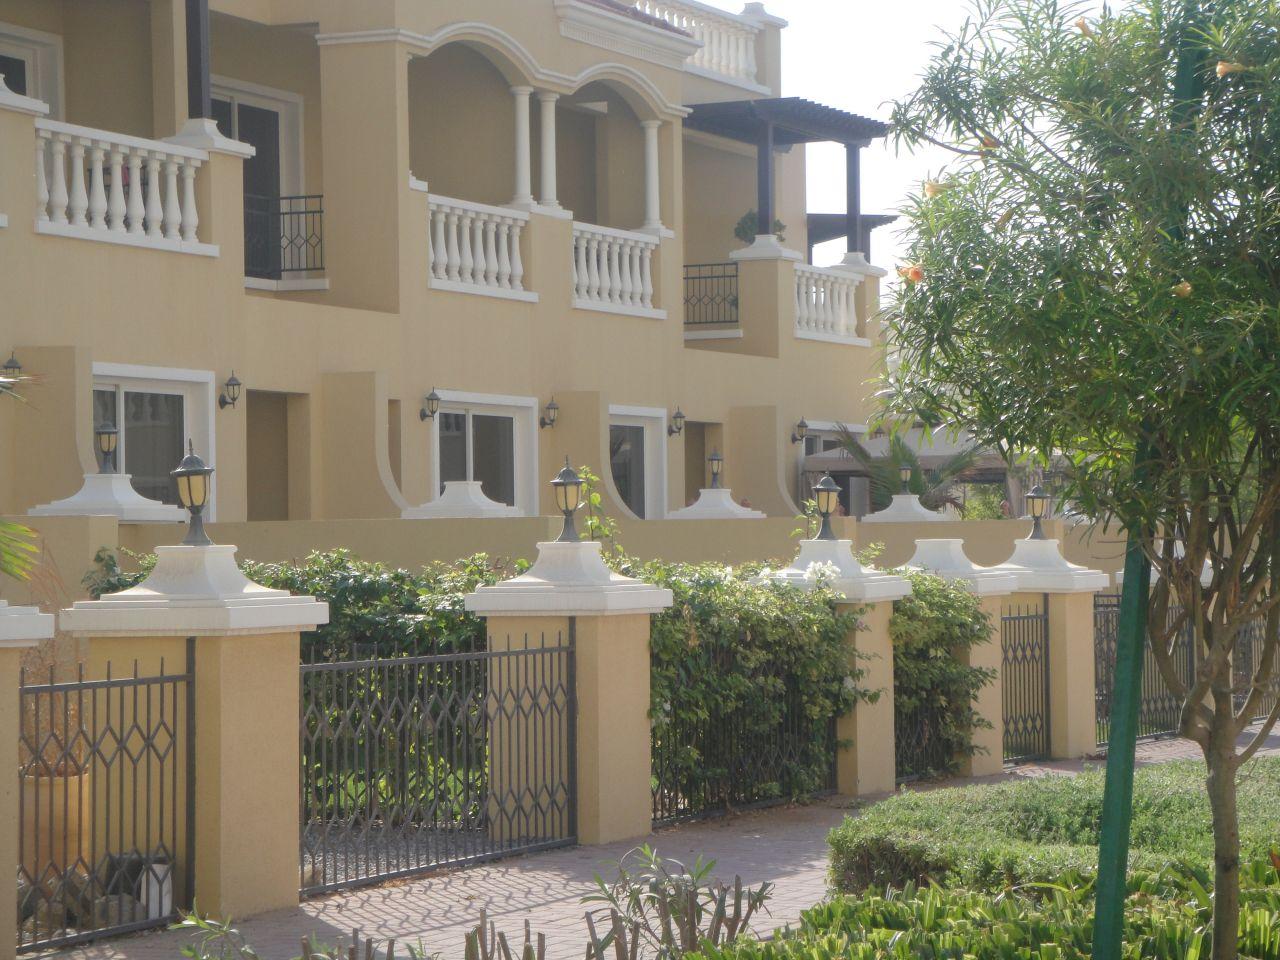 Вилла в Рас-эль-Хайме, ОАЭ, 202 м2 - фото 1